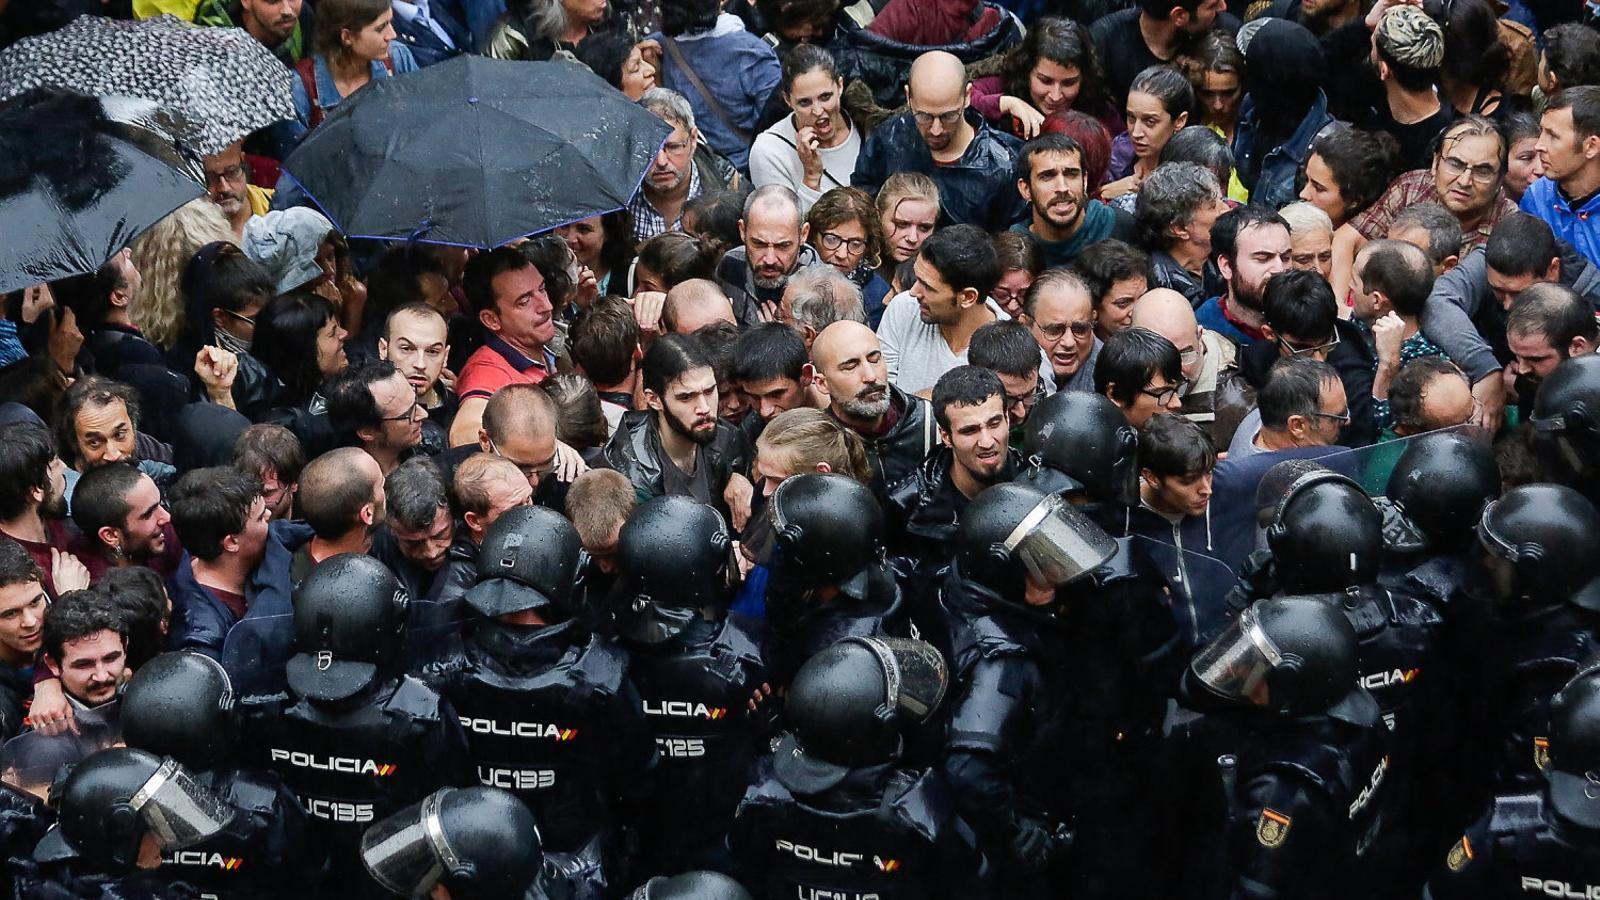 L'alcalde de Reus i tres regidors declaren al jutjat per un manifest contra la violència policial de l'1-O